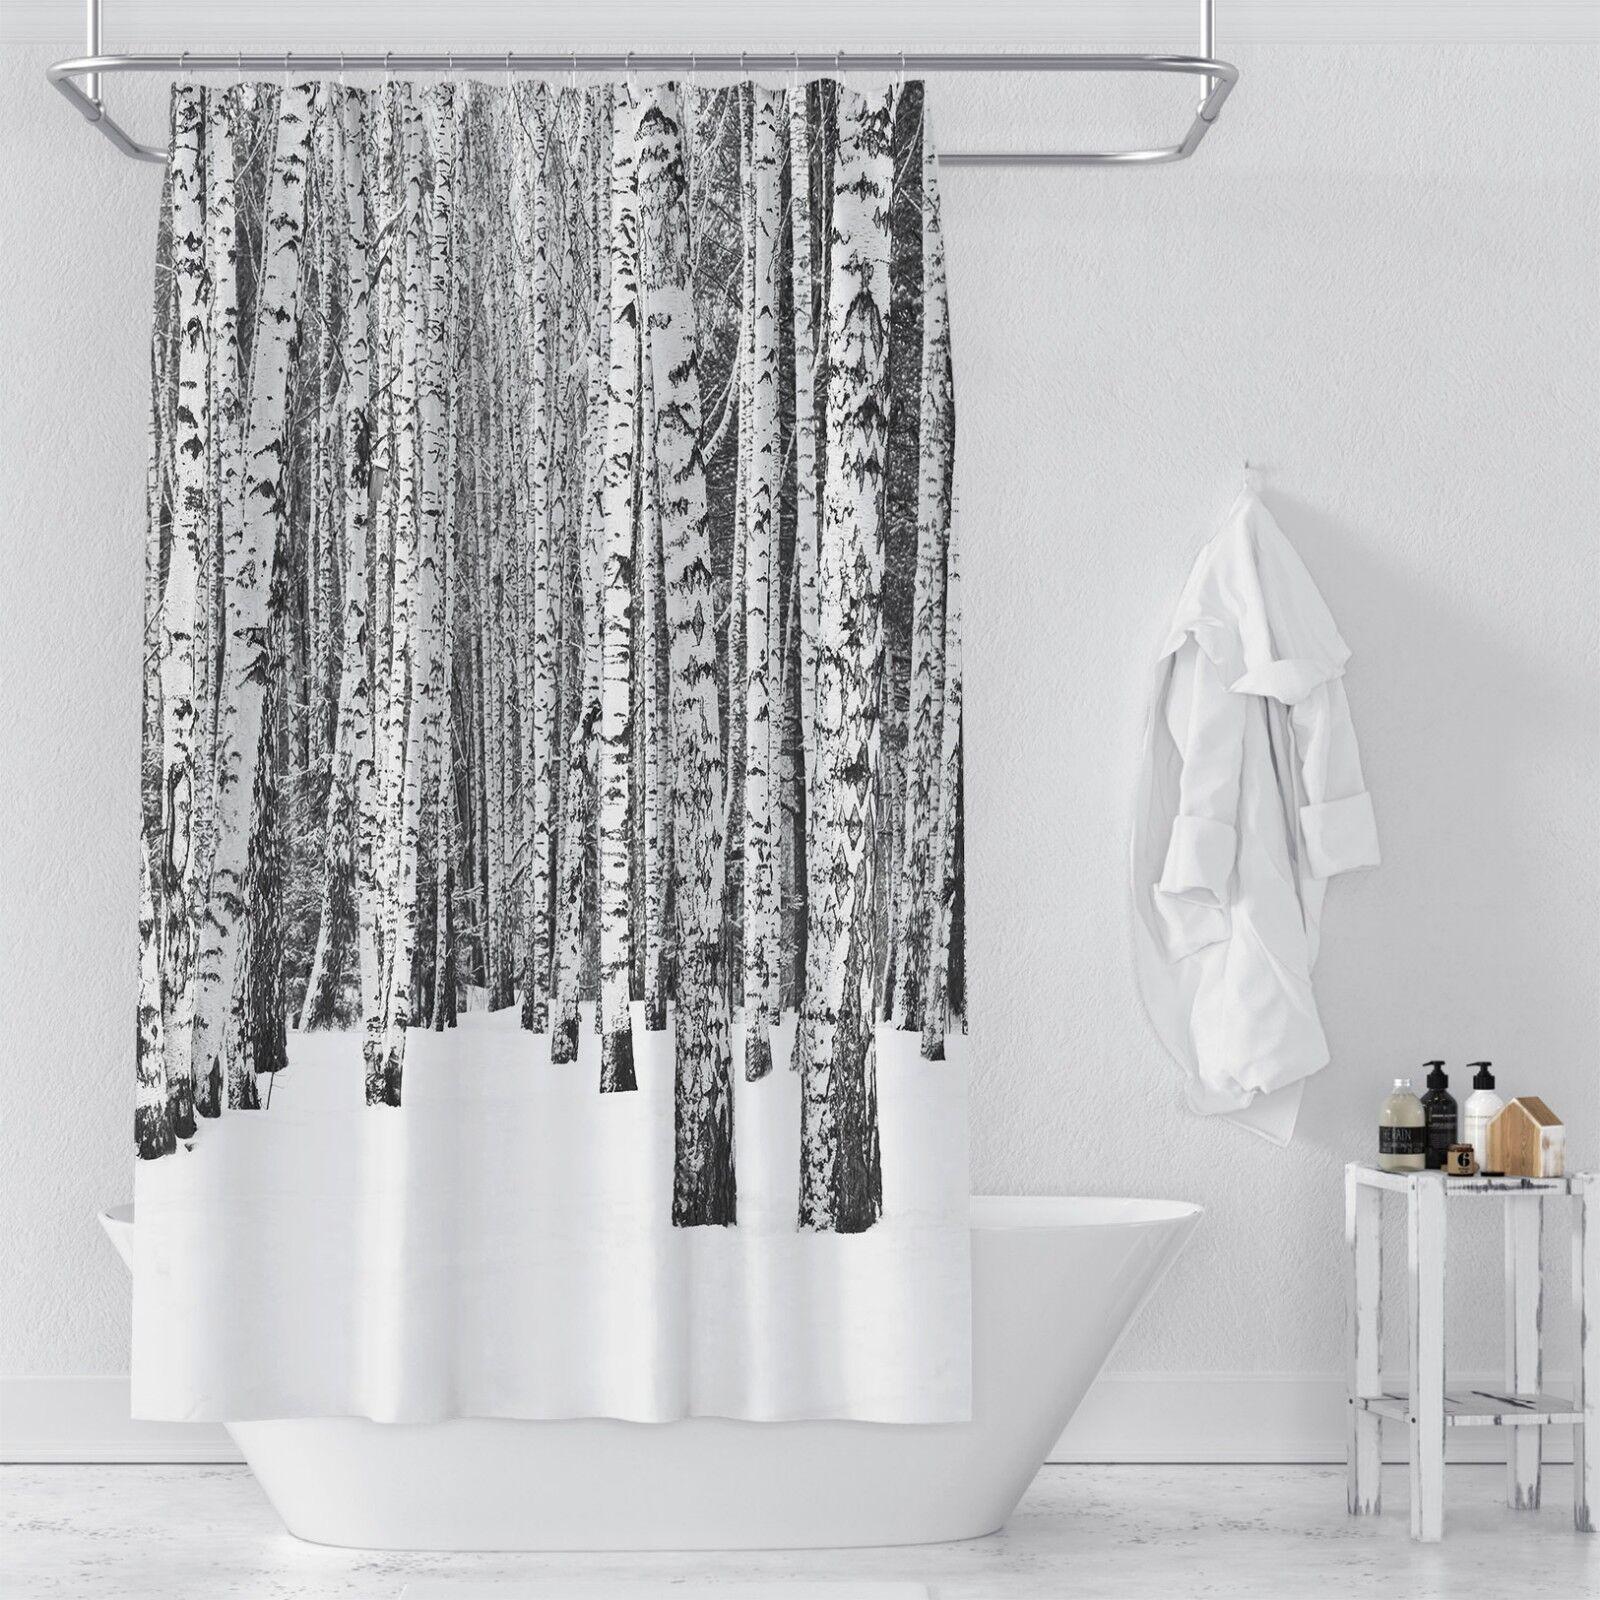 3D Schnee Baum 54 Duschvorhang Wasserdicht Wasserdicht Wasserdicht Faser Bad Daheim Windows Toilette DE 0ffb55